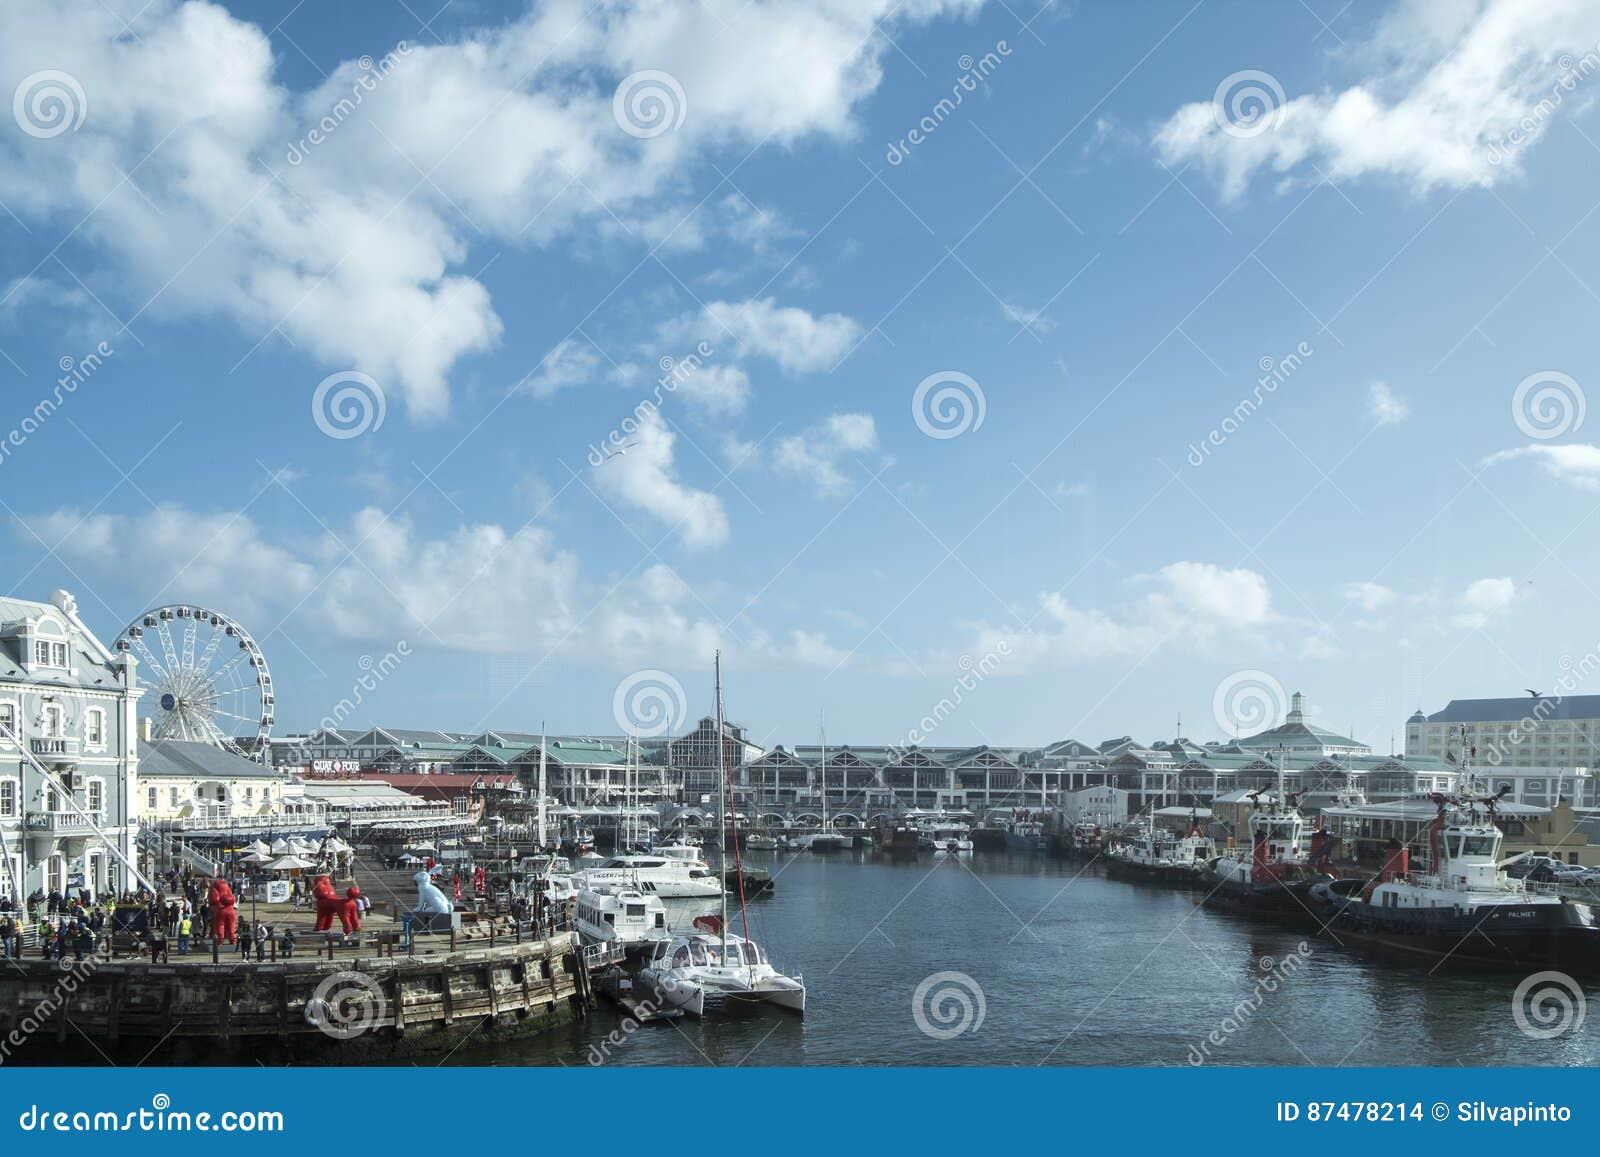 Ufergegendhafen